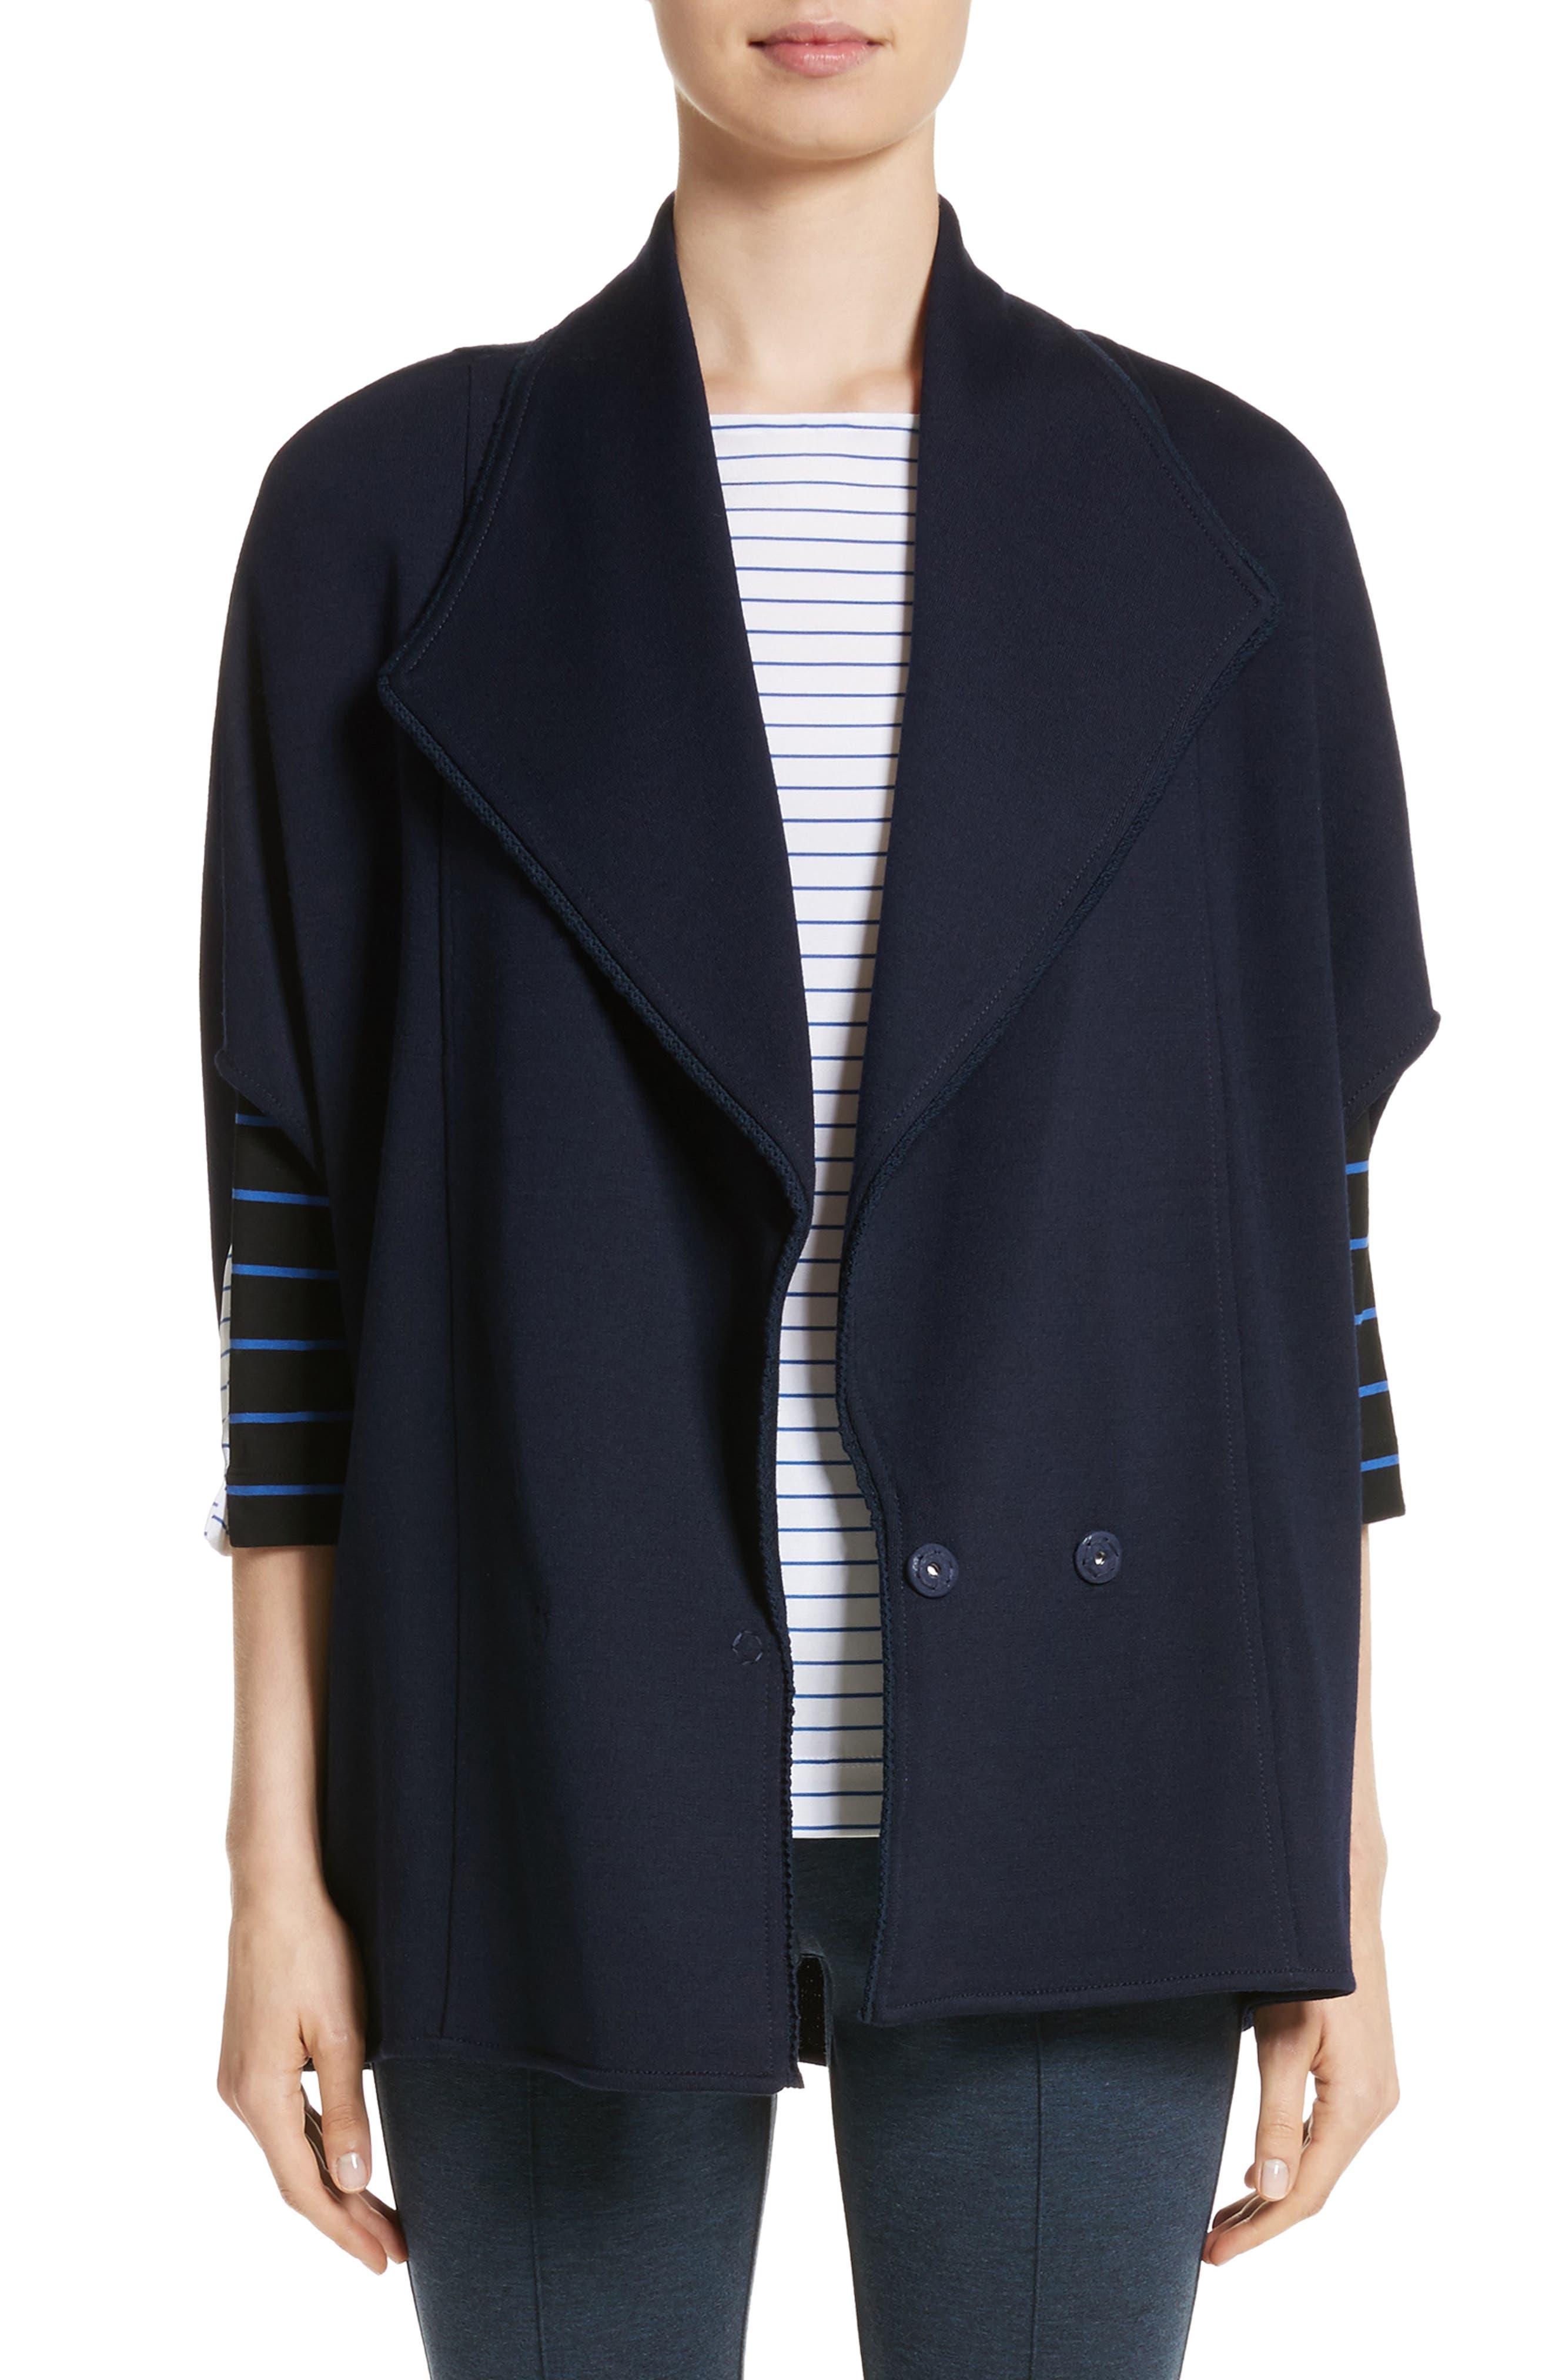 Circular Milano Knit Jacket,                             Main thumbnail 1, color,                             Navy